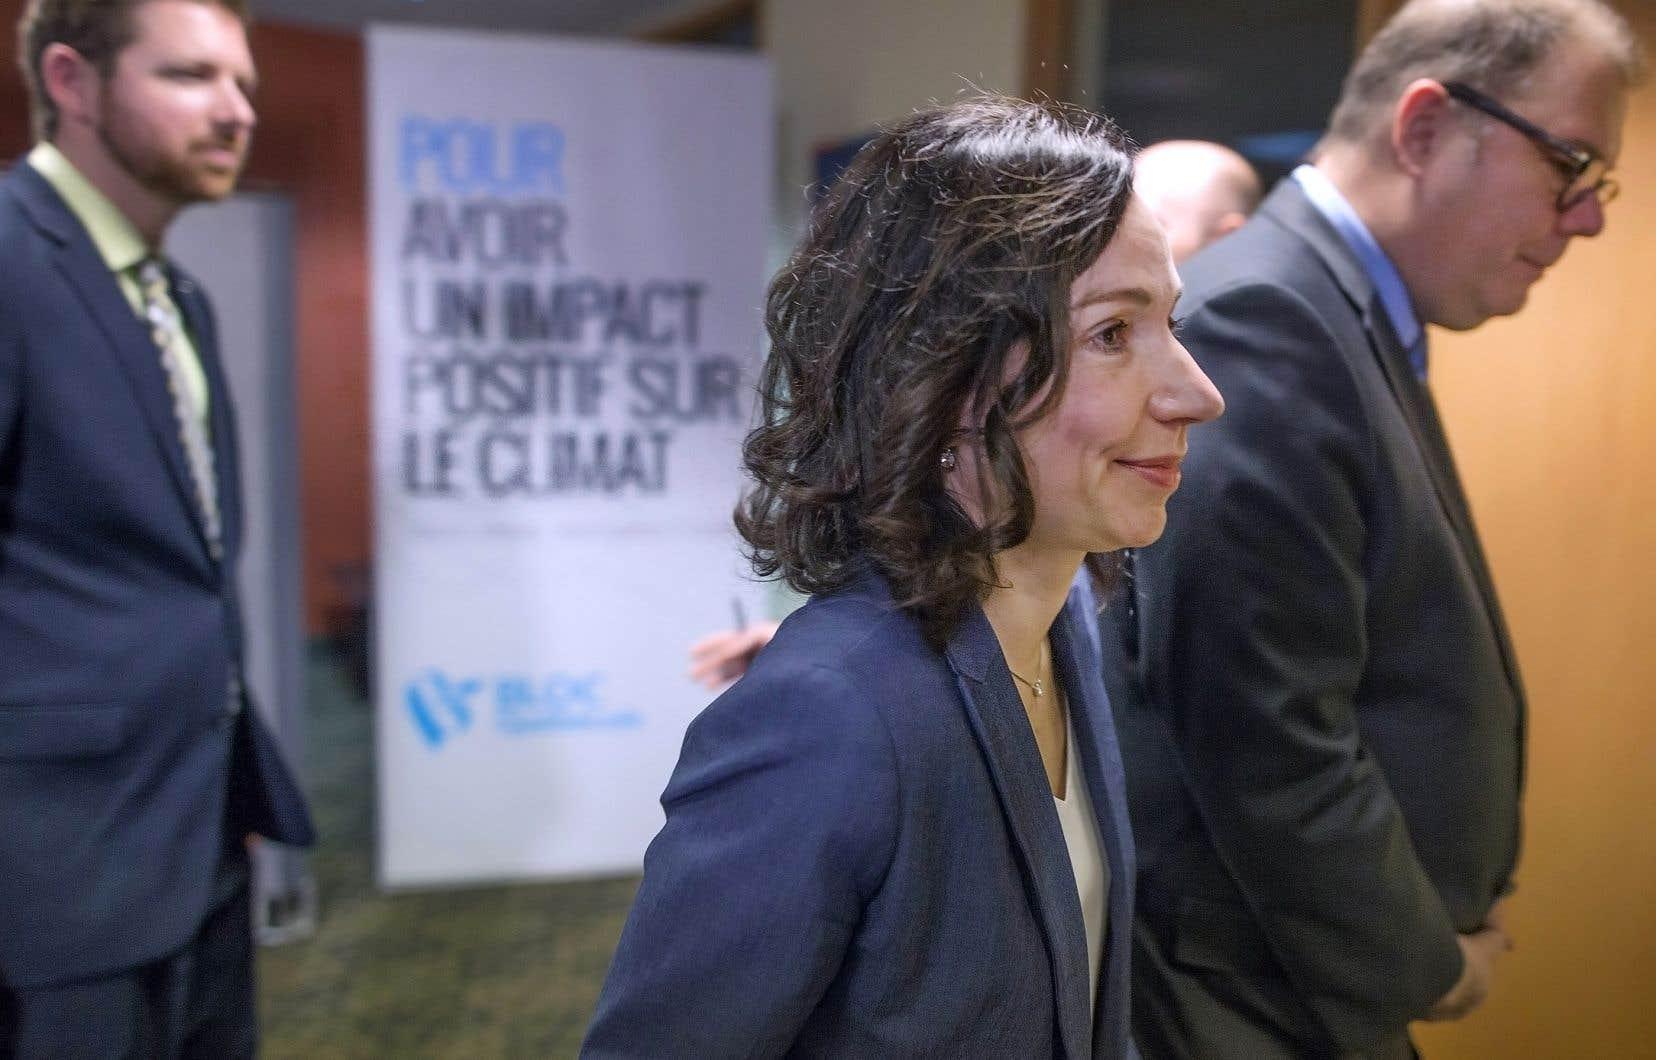 La chef du Bloc québécois, Martine Ouellet, et le président du parti, Mario Beaulieu, marchaient main dans la main il y a peu de temps encore. Mais l'appui du député Beaulieu à la chef est beaucoup plus timide aujourd'hui.